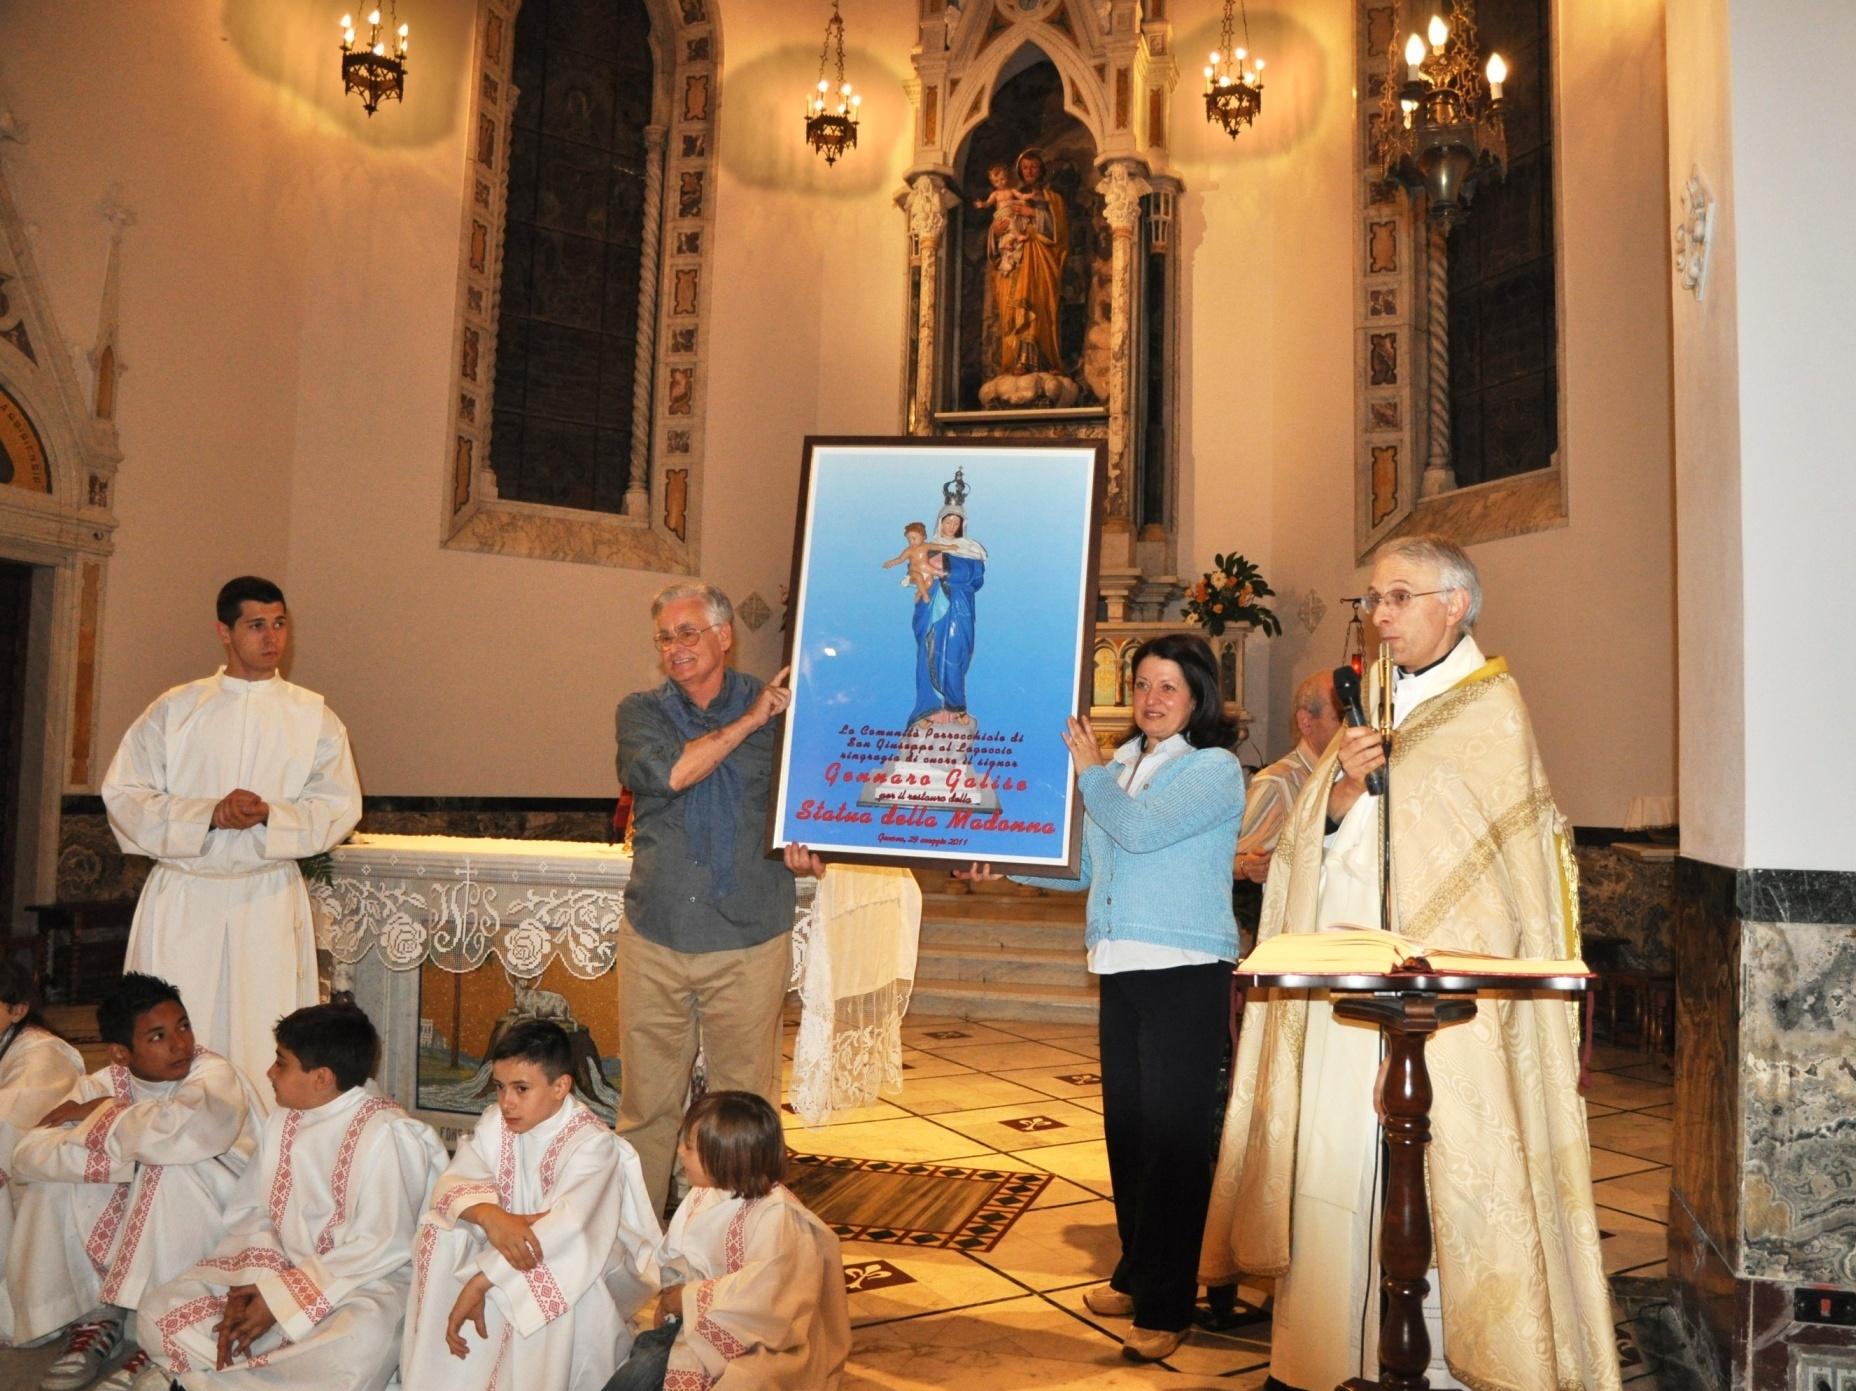 processione_madonna-2011-05-29-22-06-25